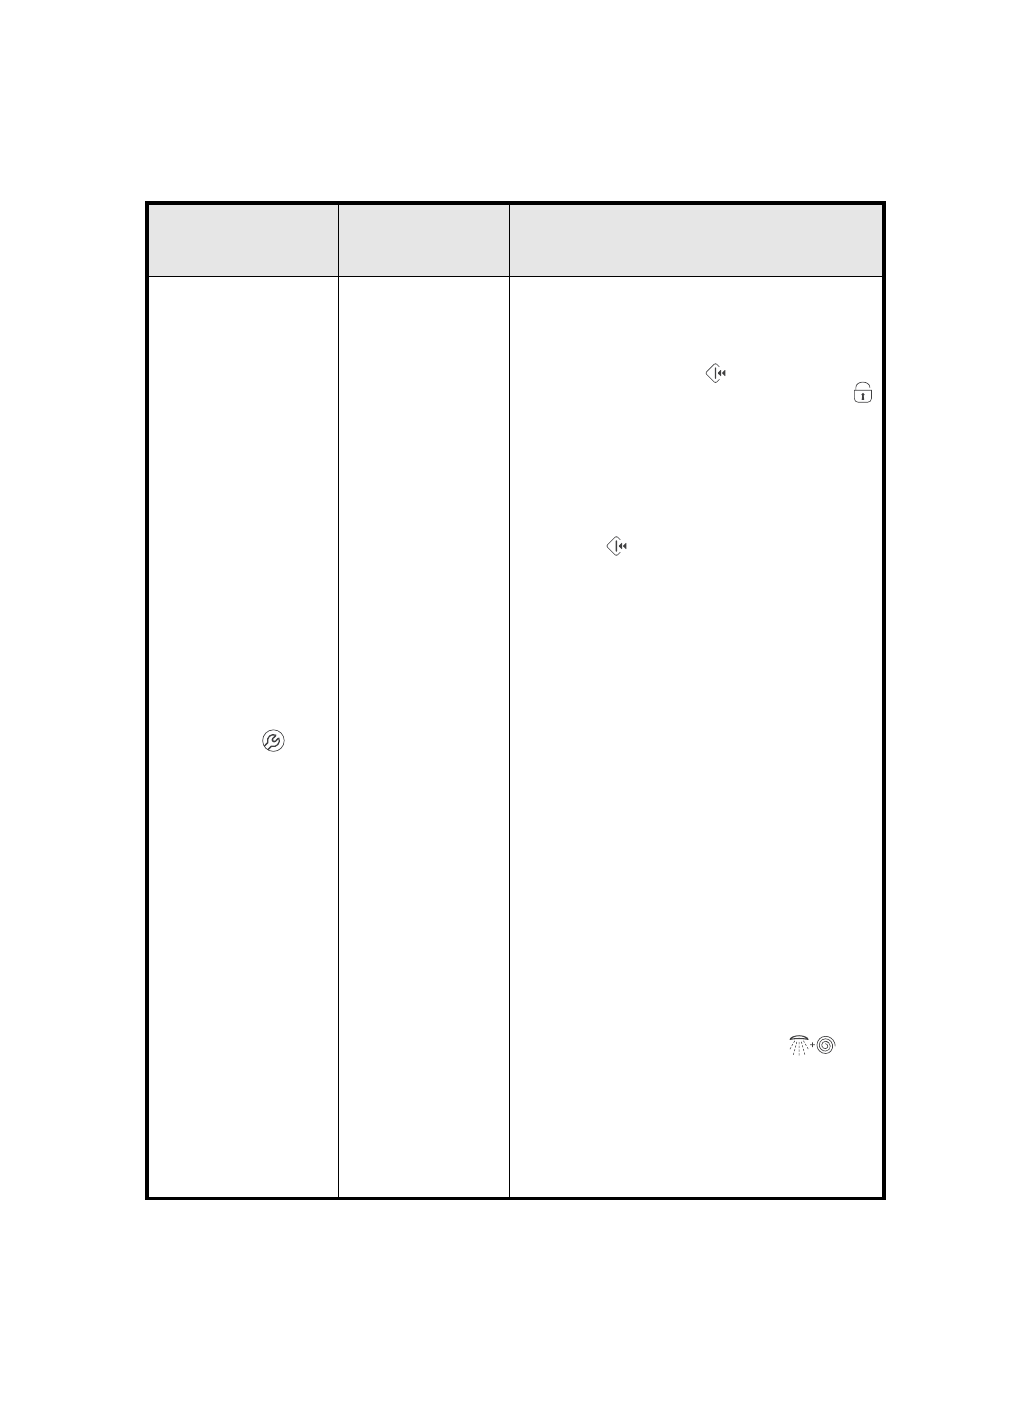 bedienungsanleitung bauknecht wat plus 511 di seite 14 von 18 deutsch. Black Bedroom Furniture Sets. Home Design Ideas